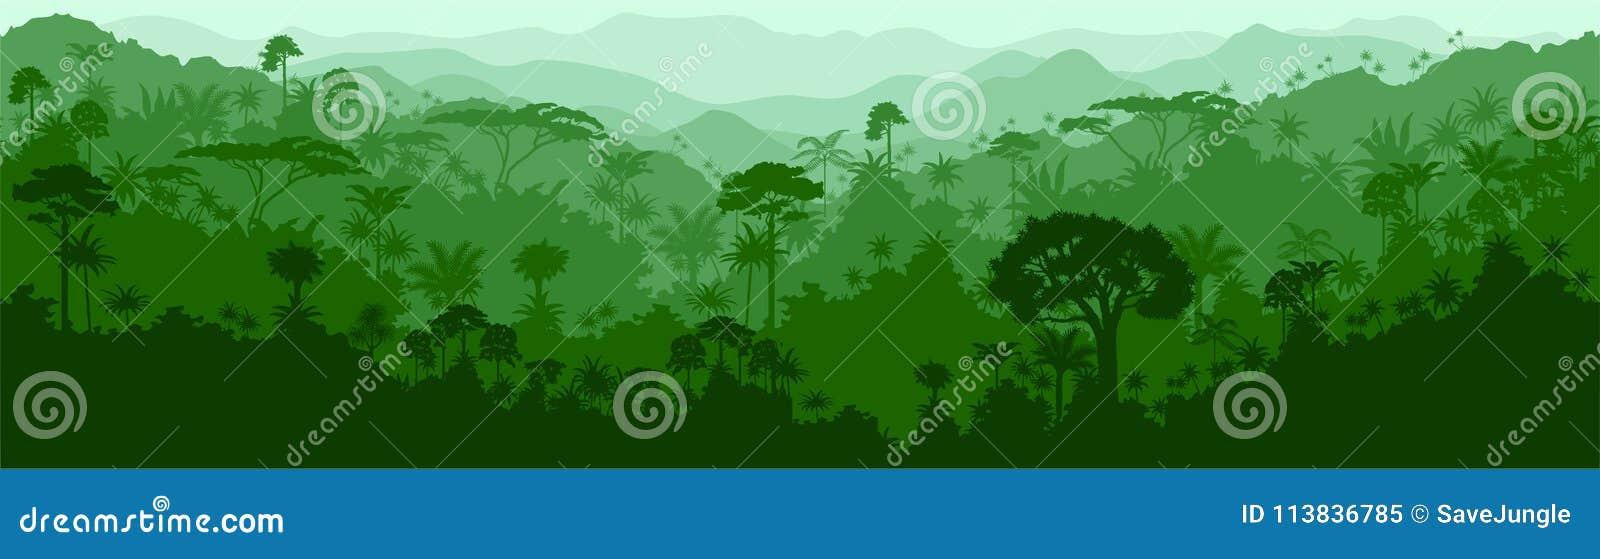 Vector o fundo tropical sem emenda da selva de Colômbia Brasil da floresta úmida